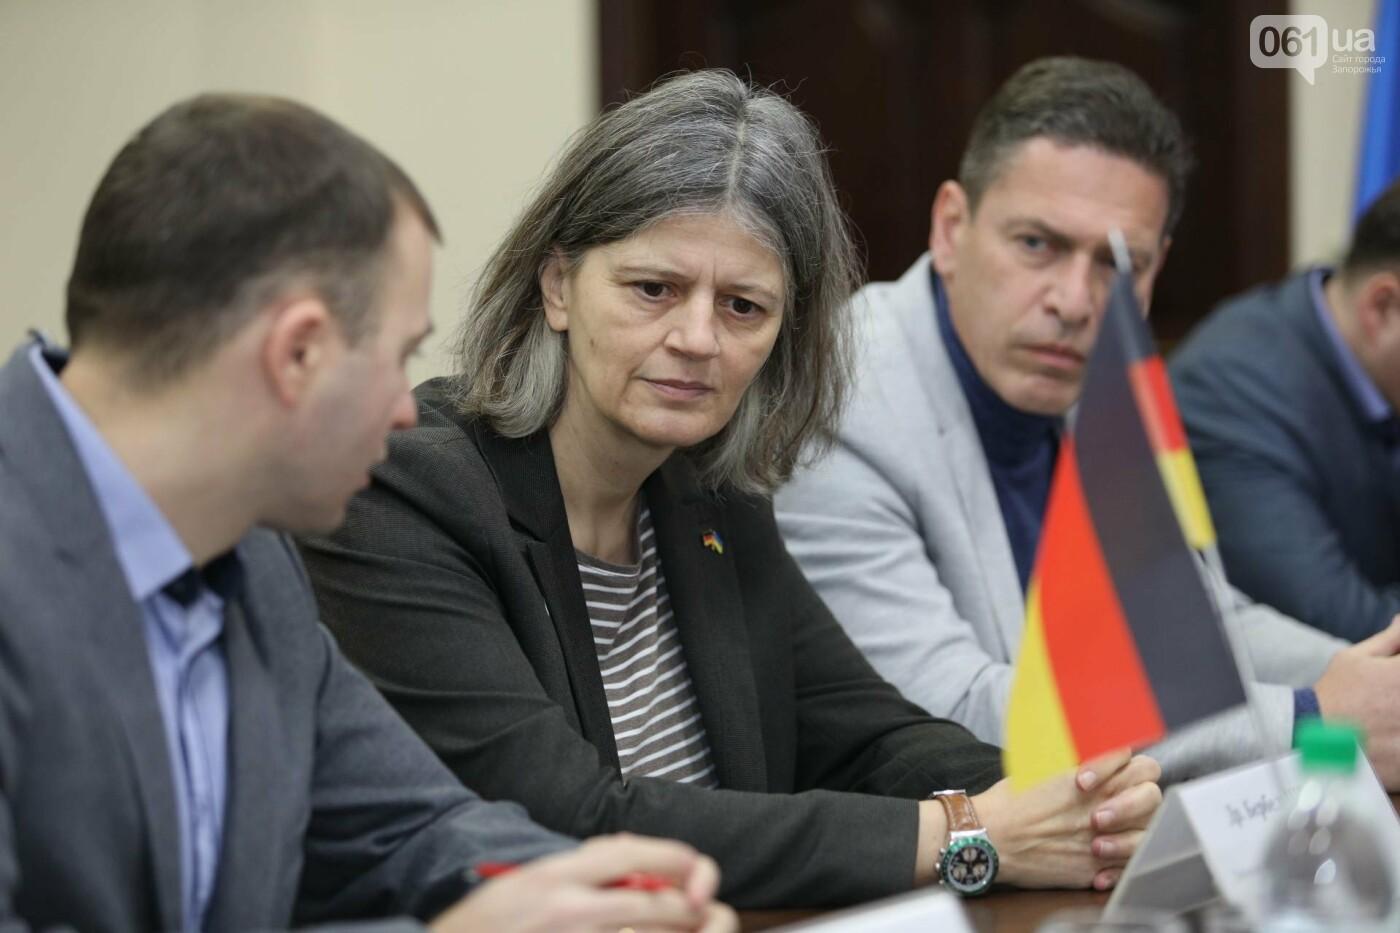 Запорожская область за три года получила 18 миллионов евро грантовой помощи из Германии, фото-1